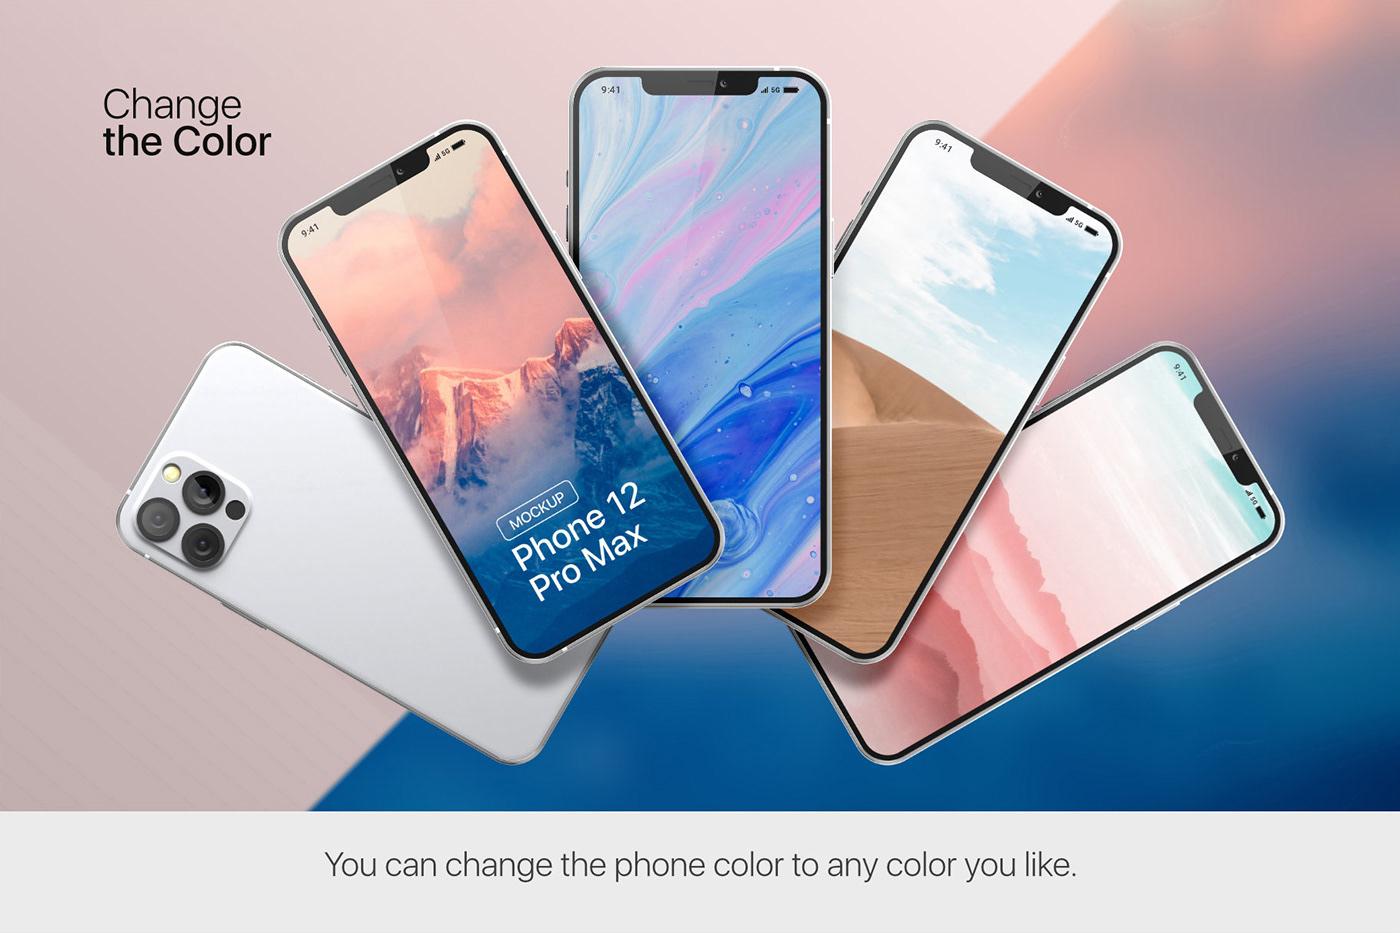 20款时尚苹果iPhone 12 Pro手机APP应用设计屏幕演示样机模板 iPhone 12 Pro Max Mockup插图3